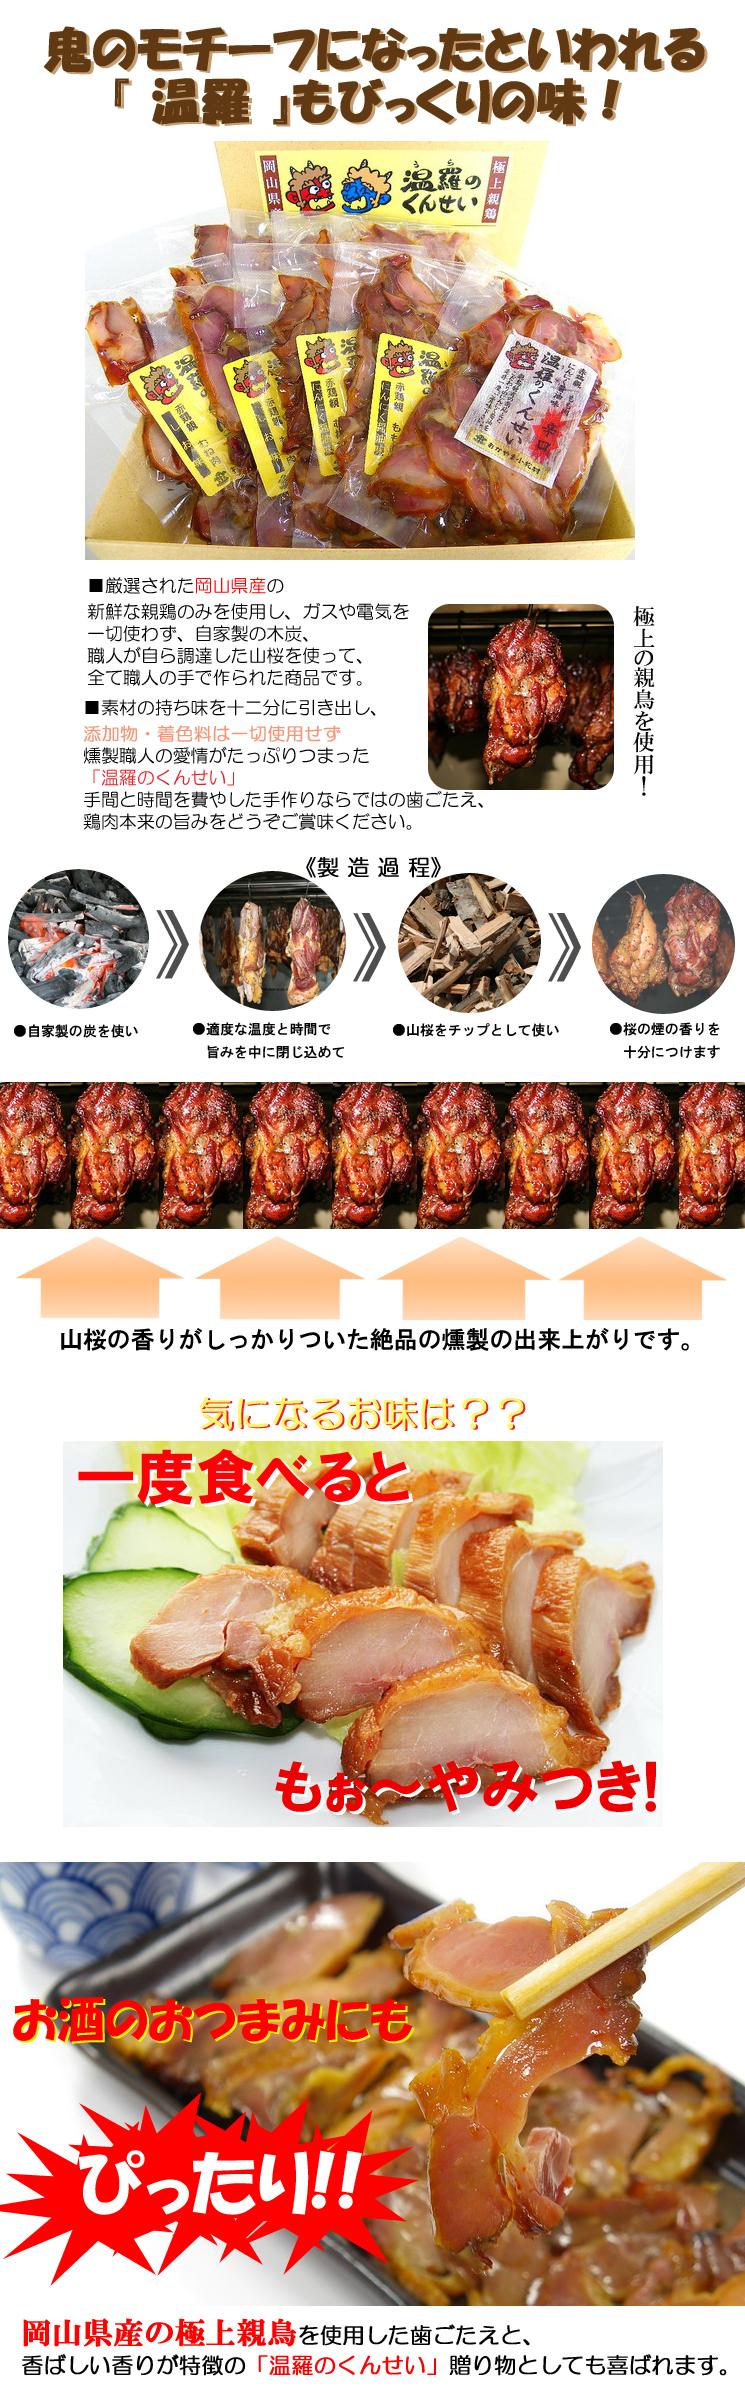 岡山県産親鳥を使用した温羅のくんせい